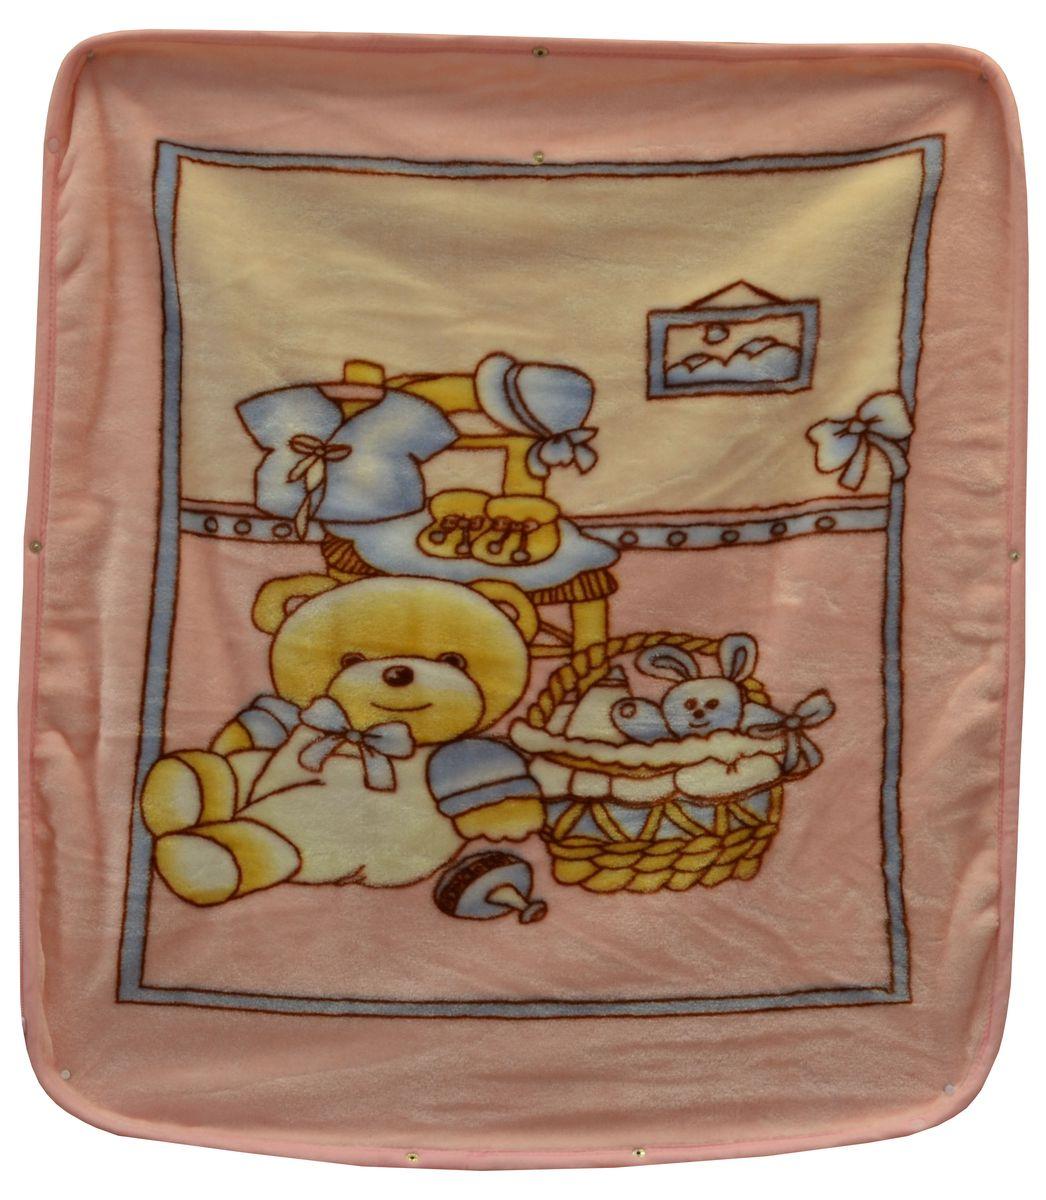 Bonne Fee Плед-накидка для младенцев на молнии 2, 80 х 90 см, цвет: розовый531-105Плед-накидка для младенцев на молнии Bonne Fee - защита, тепло и комфорт для малышей - использован надёжный, качественный и мягкий материал! Удобство и спокойствие для родителей обеспечивается универсальностью пледа-накидки, конструкция которого позволяет ему легко превращаться в конвертик. Отличное качество и практичность! Любите своего ребёнка и дарите ему лучшее!